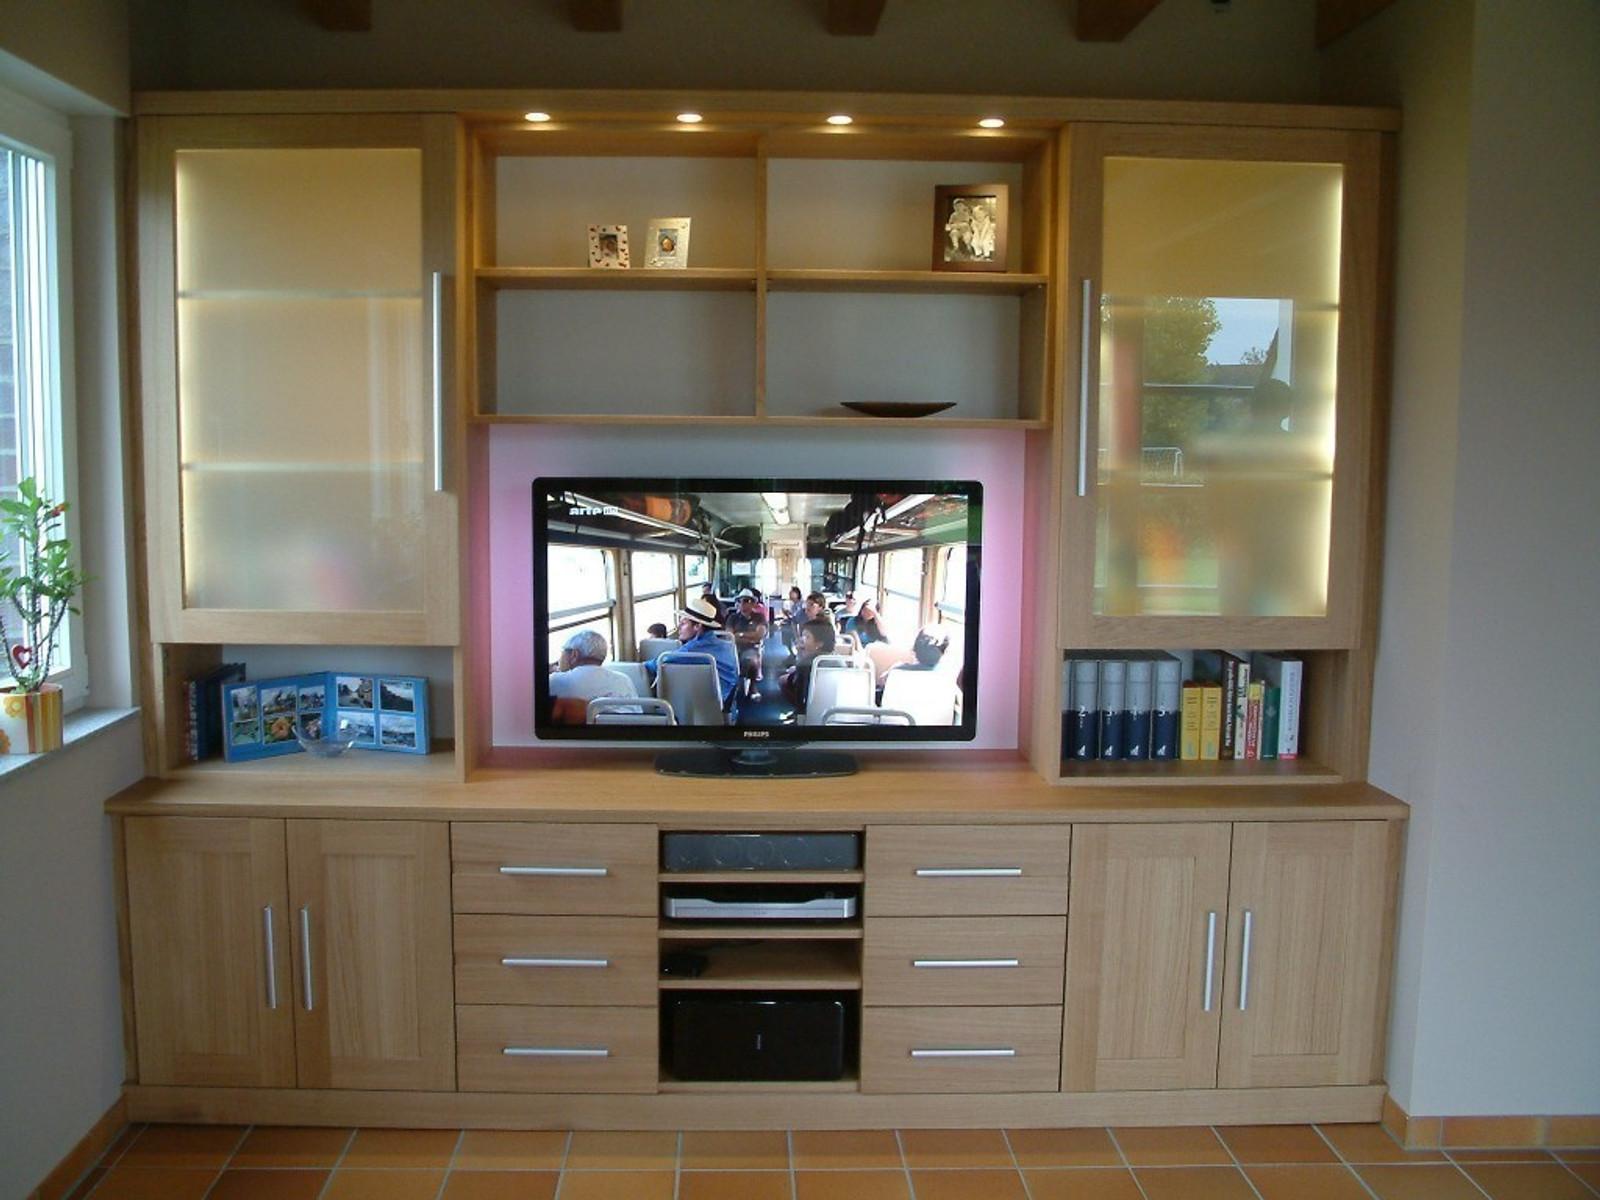 Moderne Wohnwand Mit Offenem Fach Für Plasma TV / TV Mediencenter In Eiche  Massiv, Mit Milchglas, Mit LED Beleuchtung / Eichenmöbel Und Moderne ...